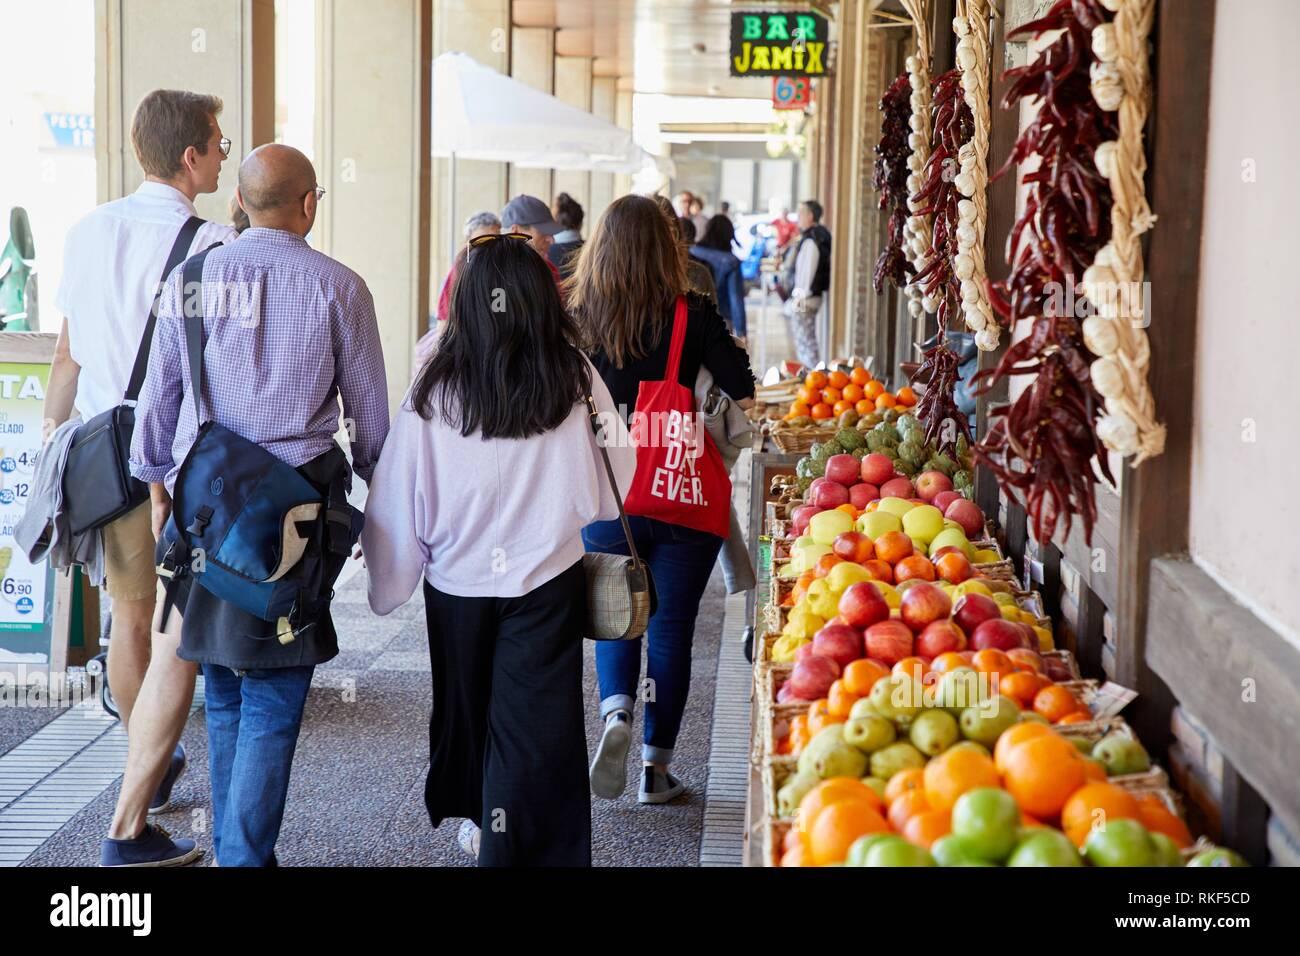 Gastronomic tour, guide with tourists, Donostia, San Sebastian, Gipuzkoa, Basque Country, Spain, Europe - Stock Image